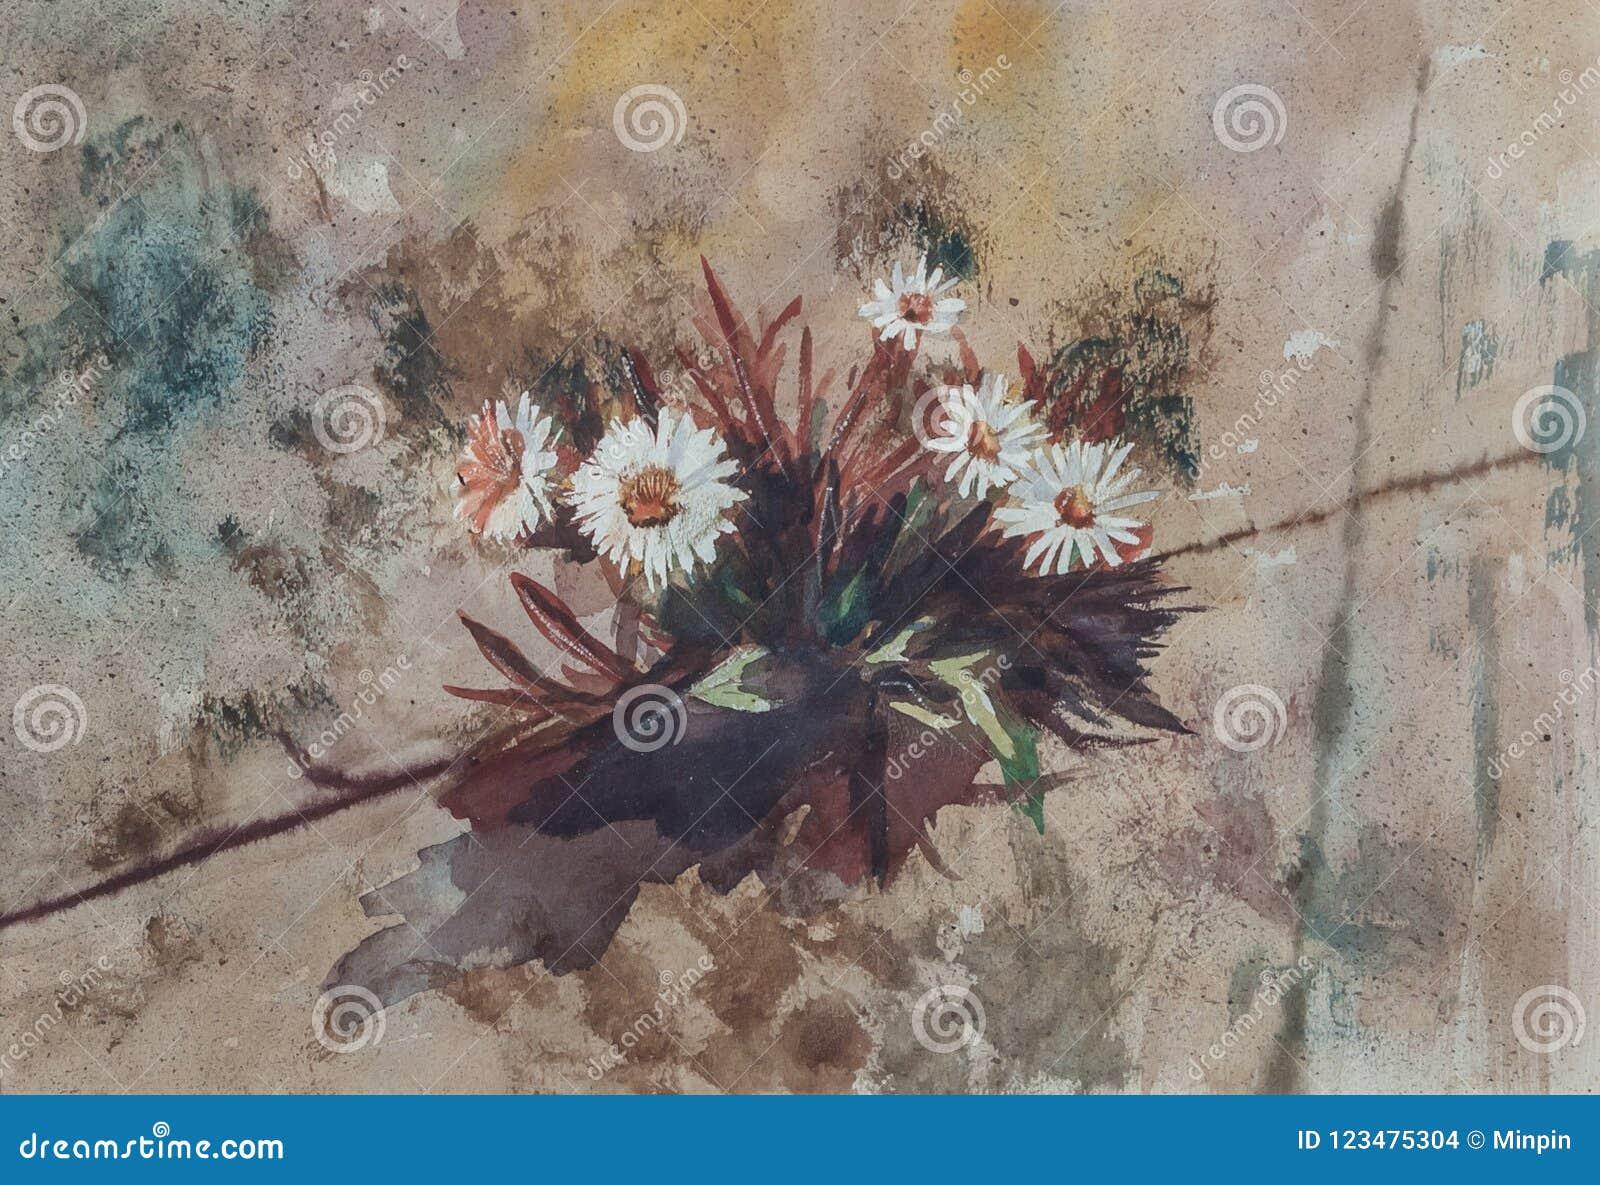 Abstracte Bloemen - het Originele Waterverf Schilderen